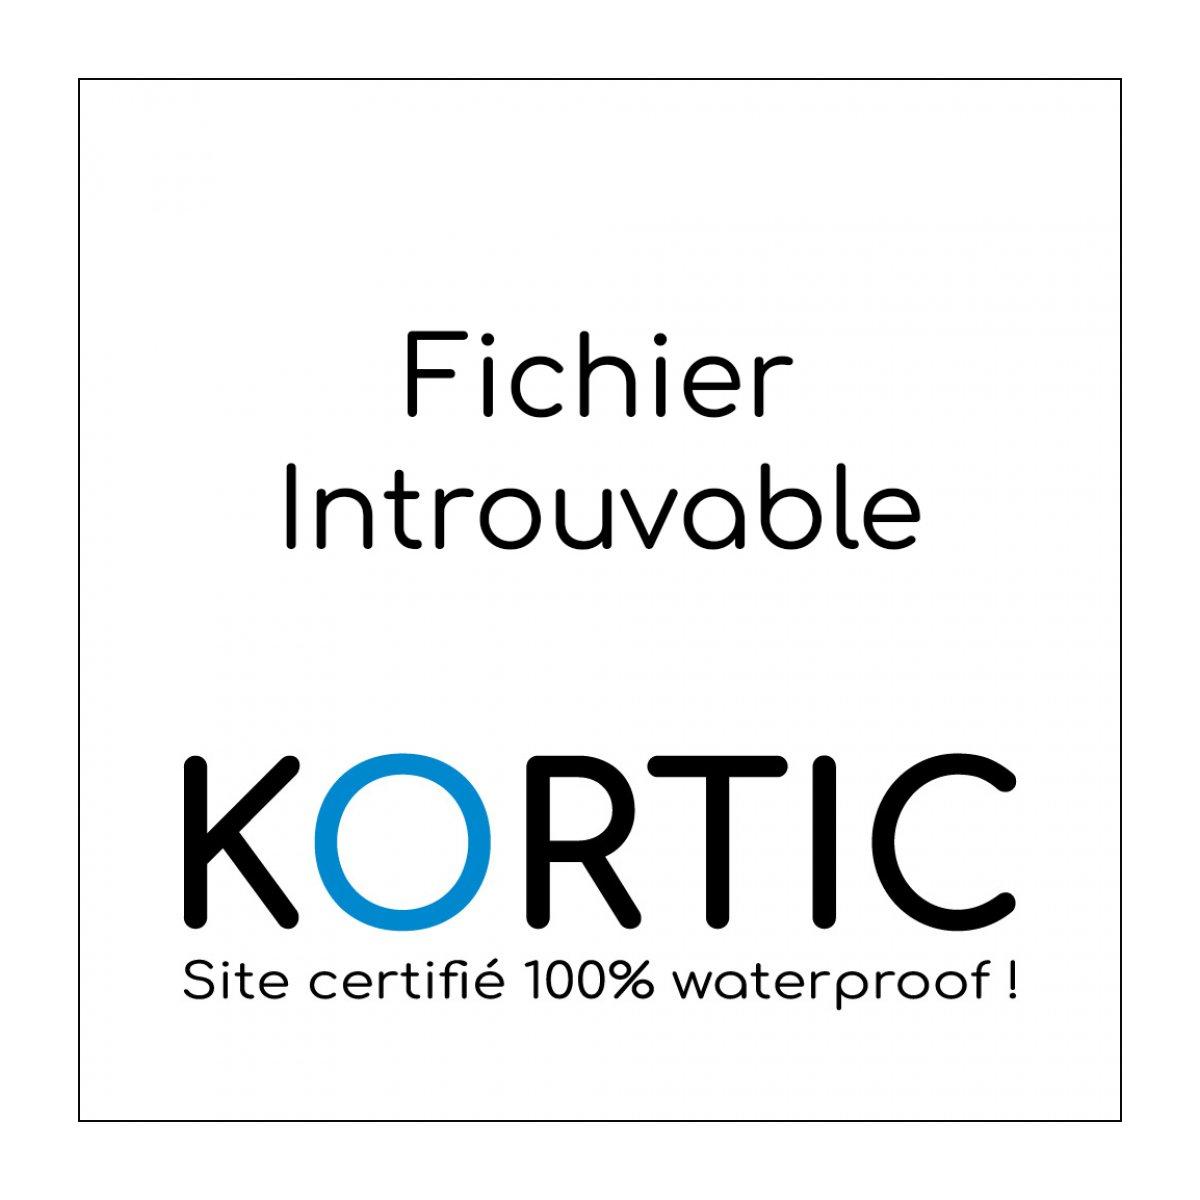 Portraits - Sasha